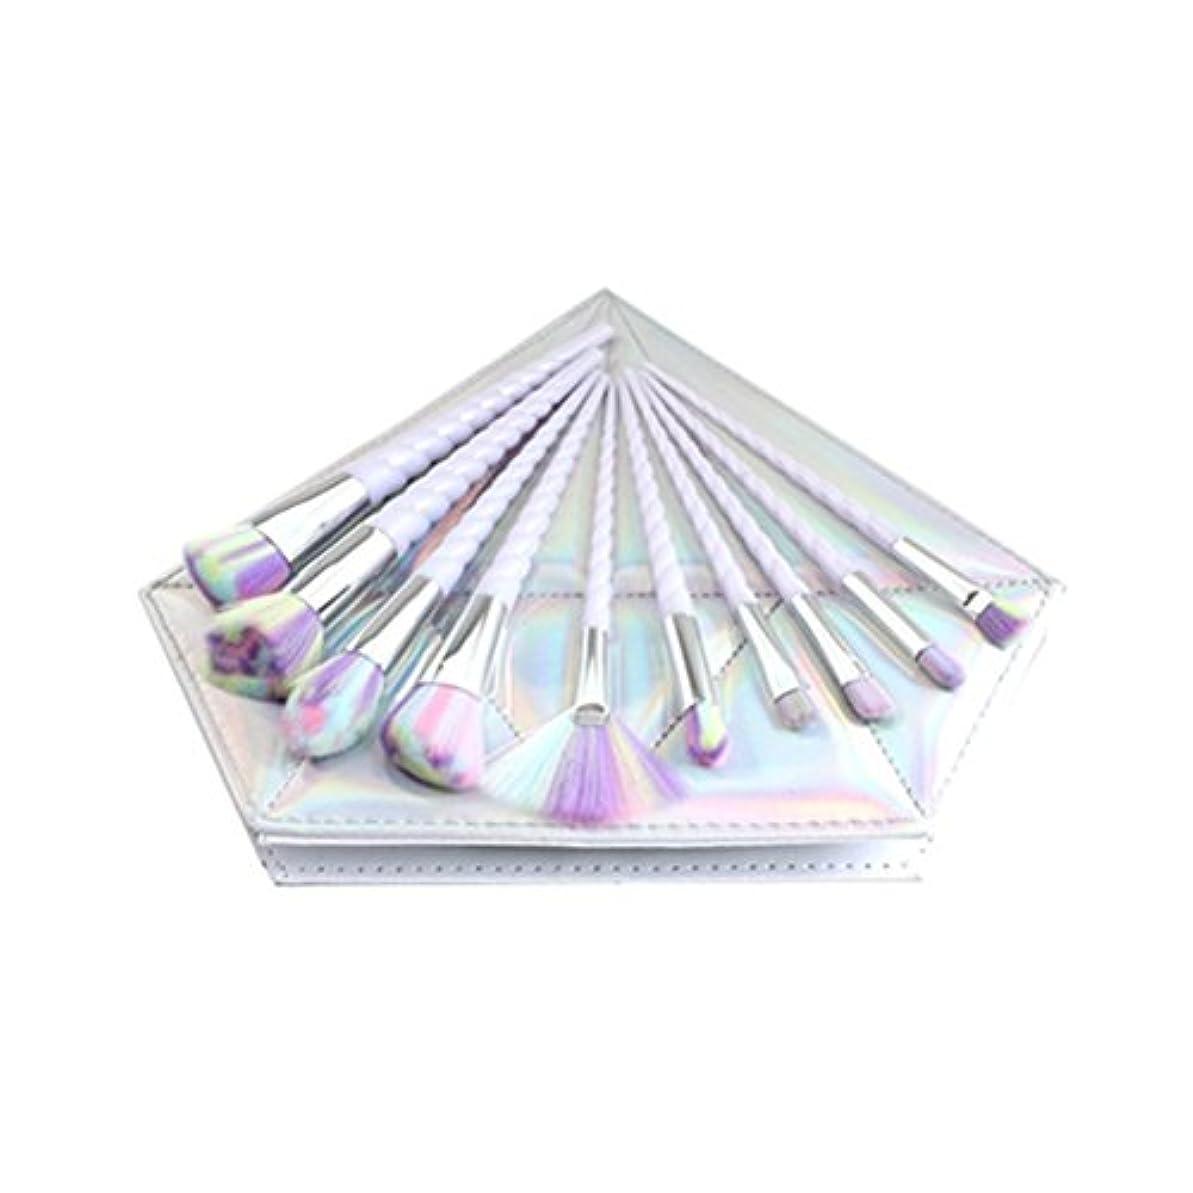 サーバントセッティング動揺させるDilla Beauty 10本セットユニコーンデザインプラスチックハンドル形状メイクブラシセット合成毛ファンデーションブラシアイシャドーブラッシャー美容ツール美しい化粧品のバッグを送る (白いハンドル - 多色の毛)